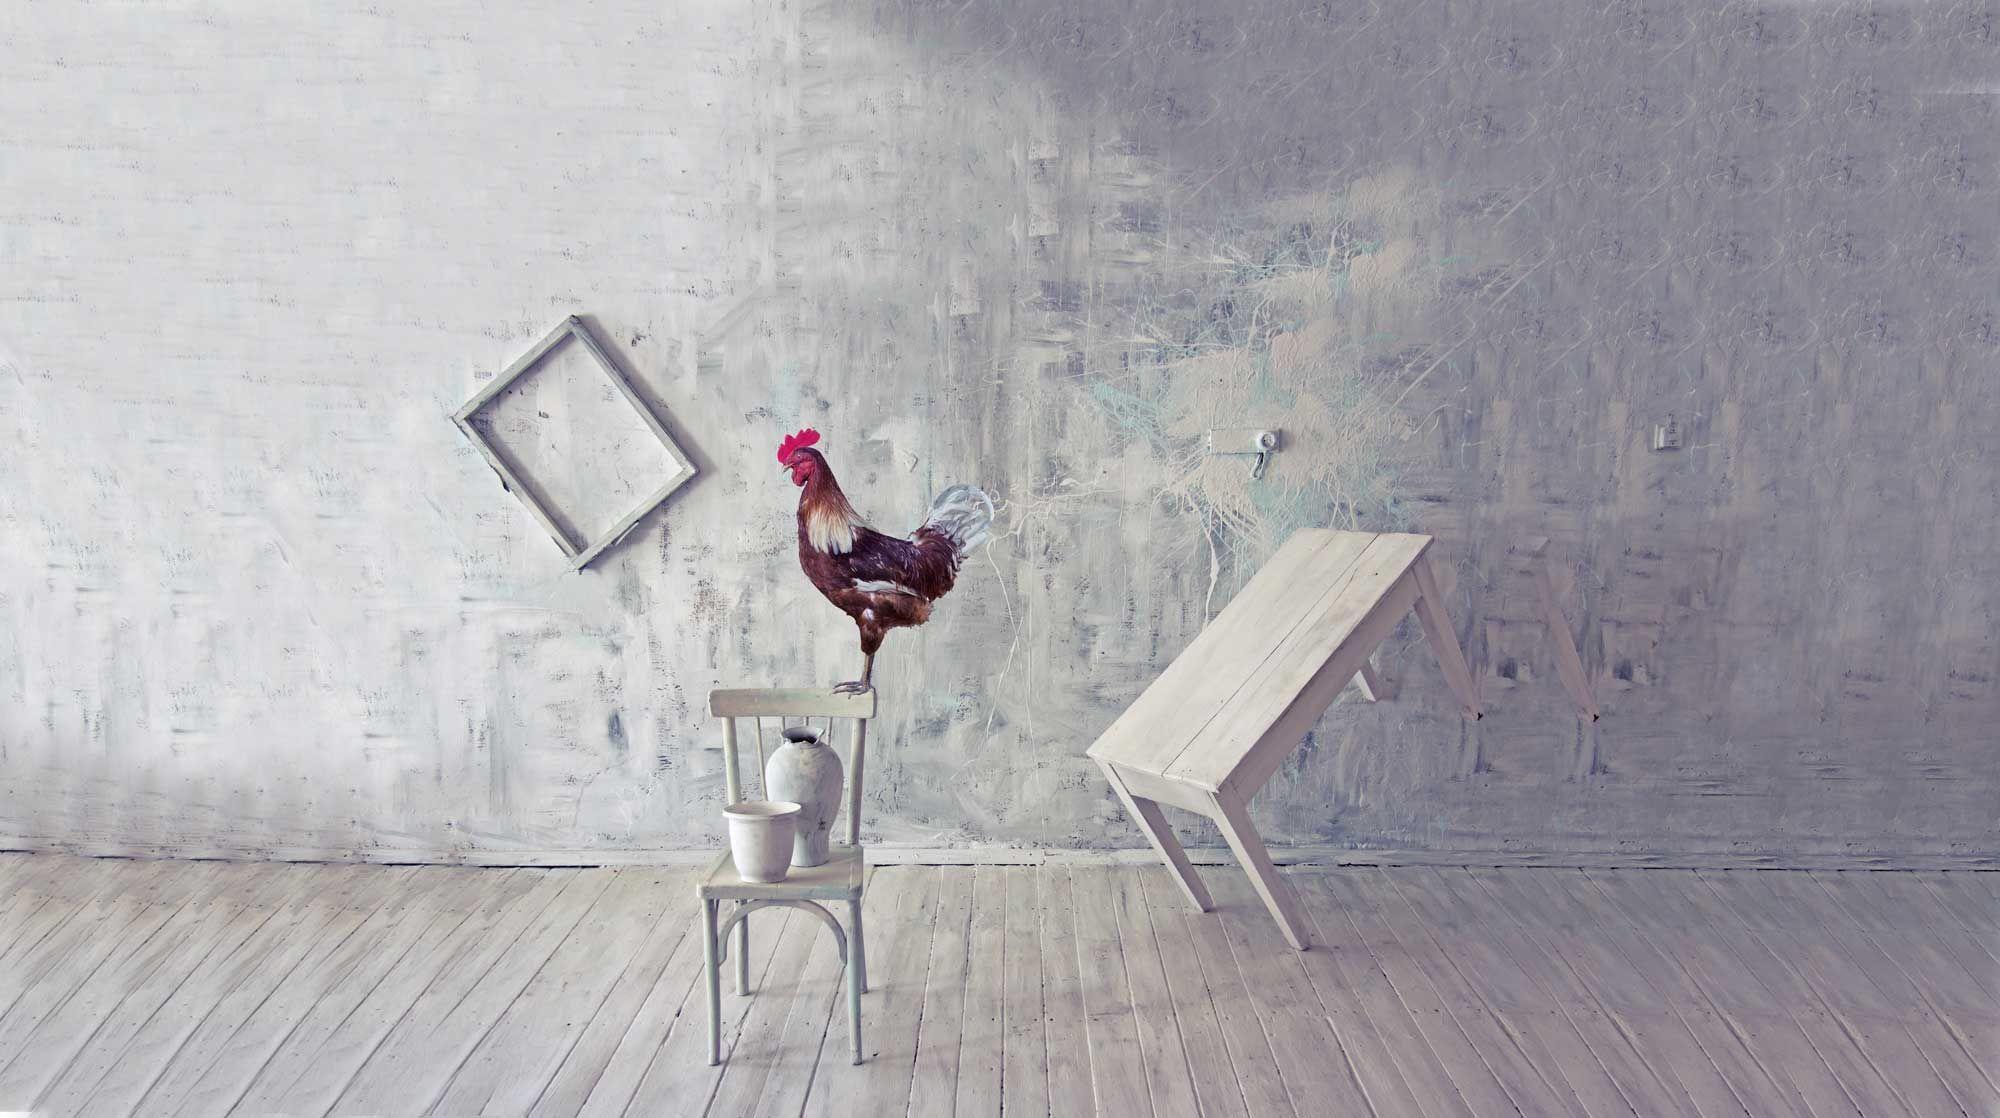 Découvrir Découvrir Découvrir Découvrir Découvrir Découvrir Une invitation aux amis, à la famille, en tête à tête. Partagez des moments de bonheur, des rires, des discussions animées. Dresser une table qui vous ressemble, éclairée à la bougie ou avec un luminaire moderne. Des tables, des chaises qui au simple regard font qu'elles vous paraissent uniques …